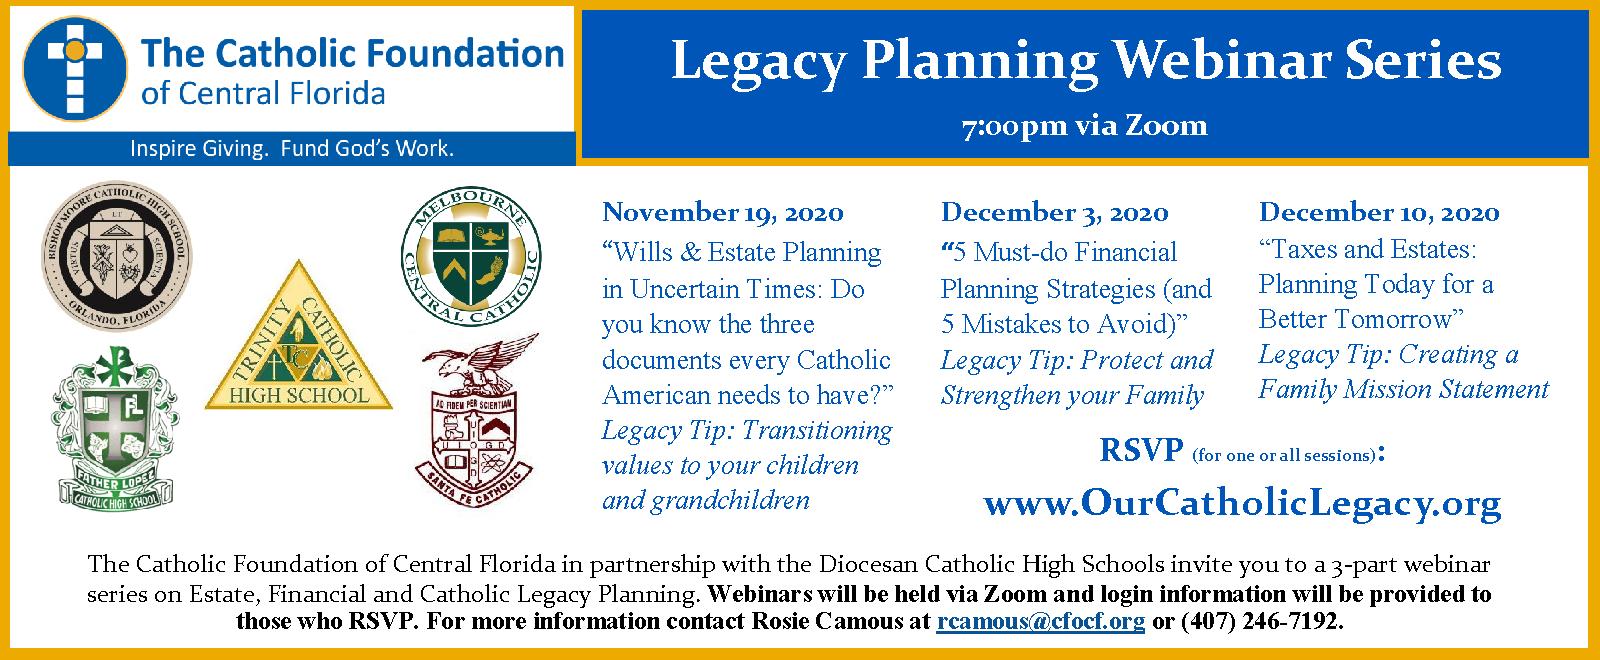 2020 Legacy Planning Webinar Series